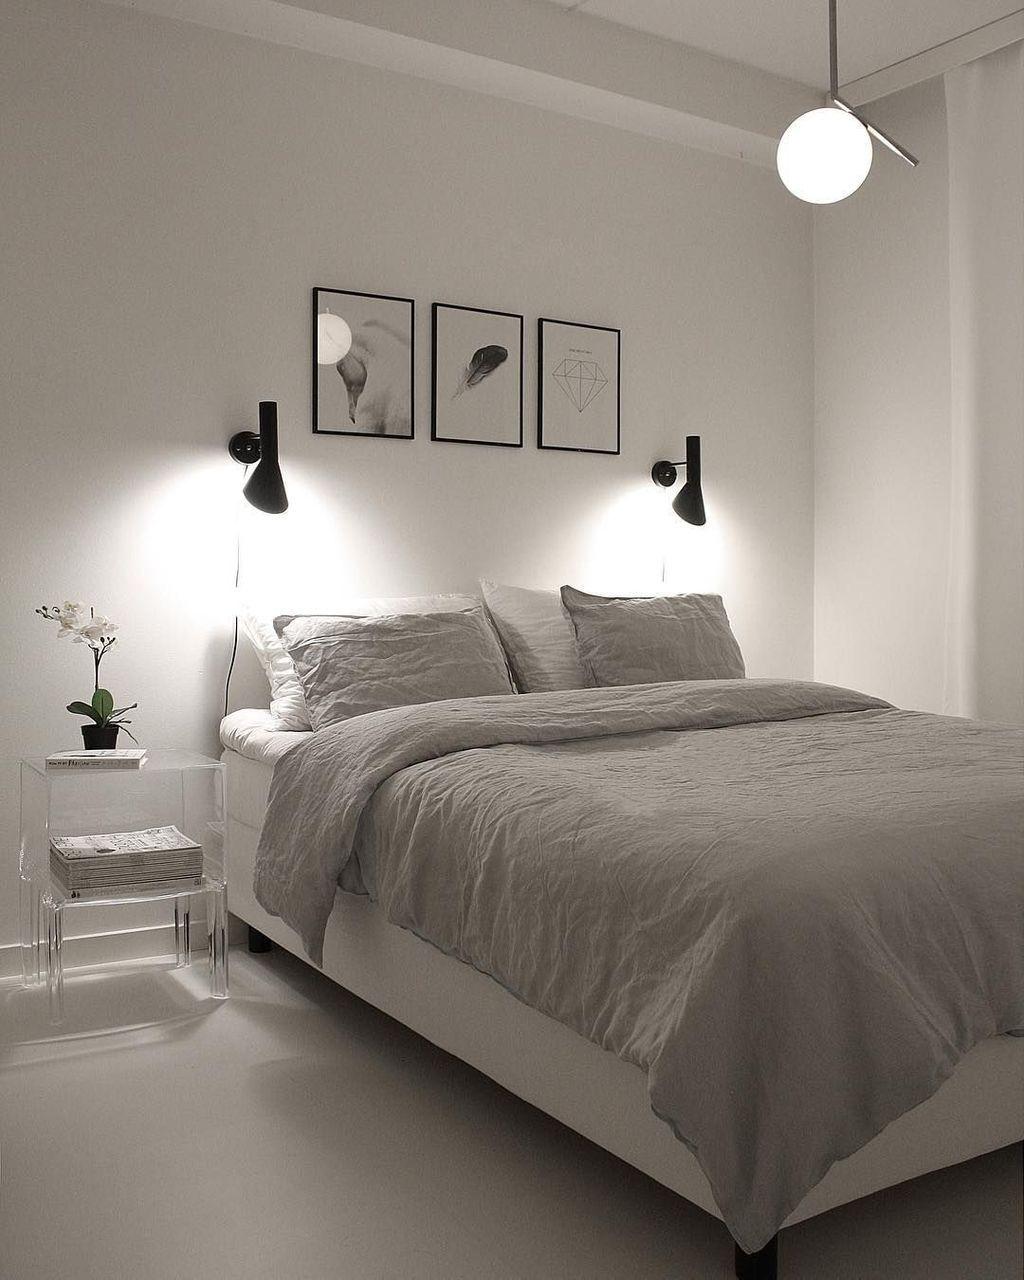 46 Cozy Minimalist Bedroom To Inspire Yourself Decoomo Com